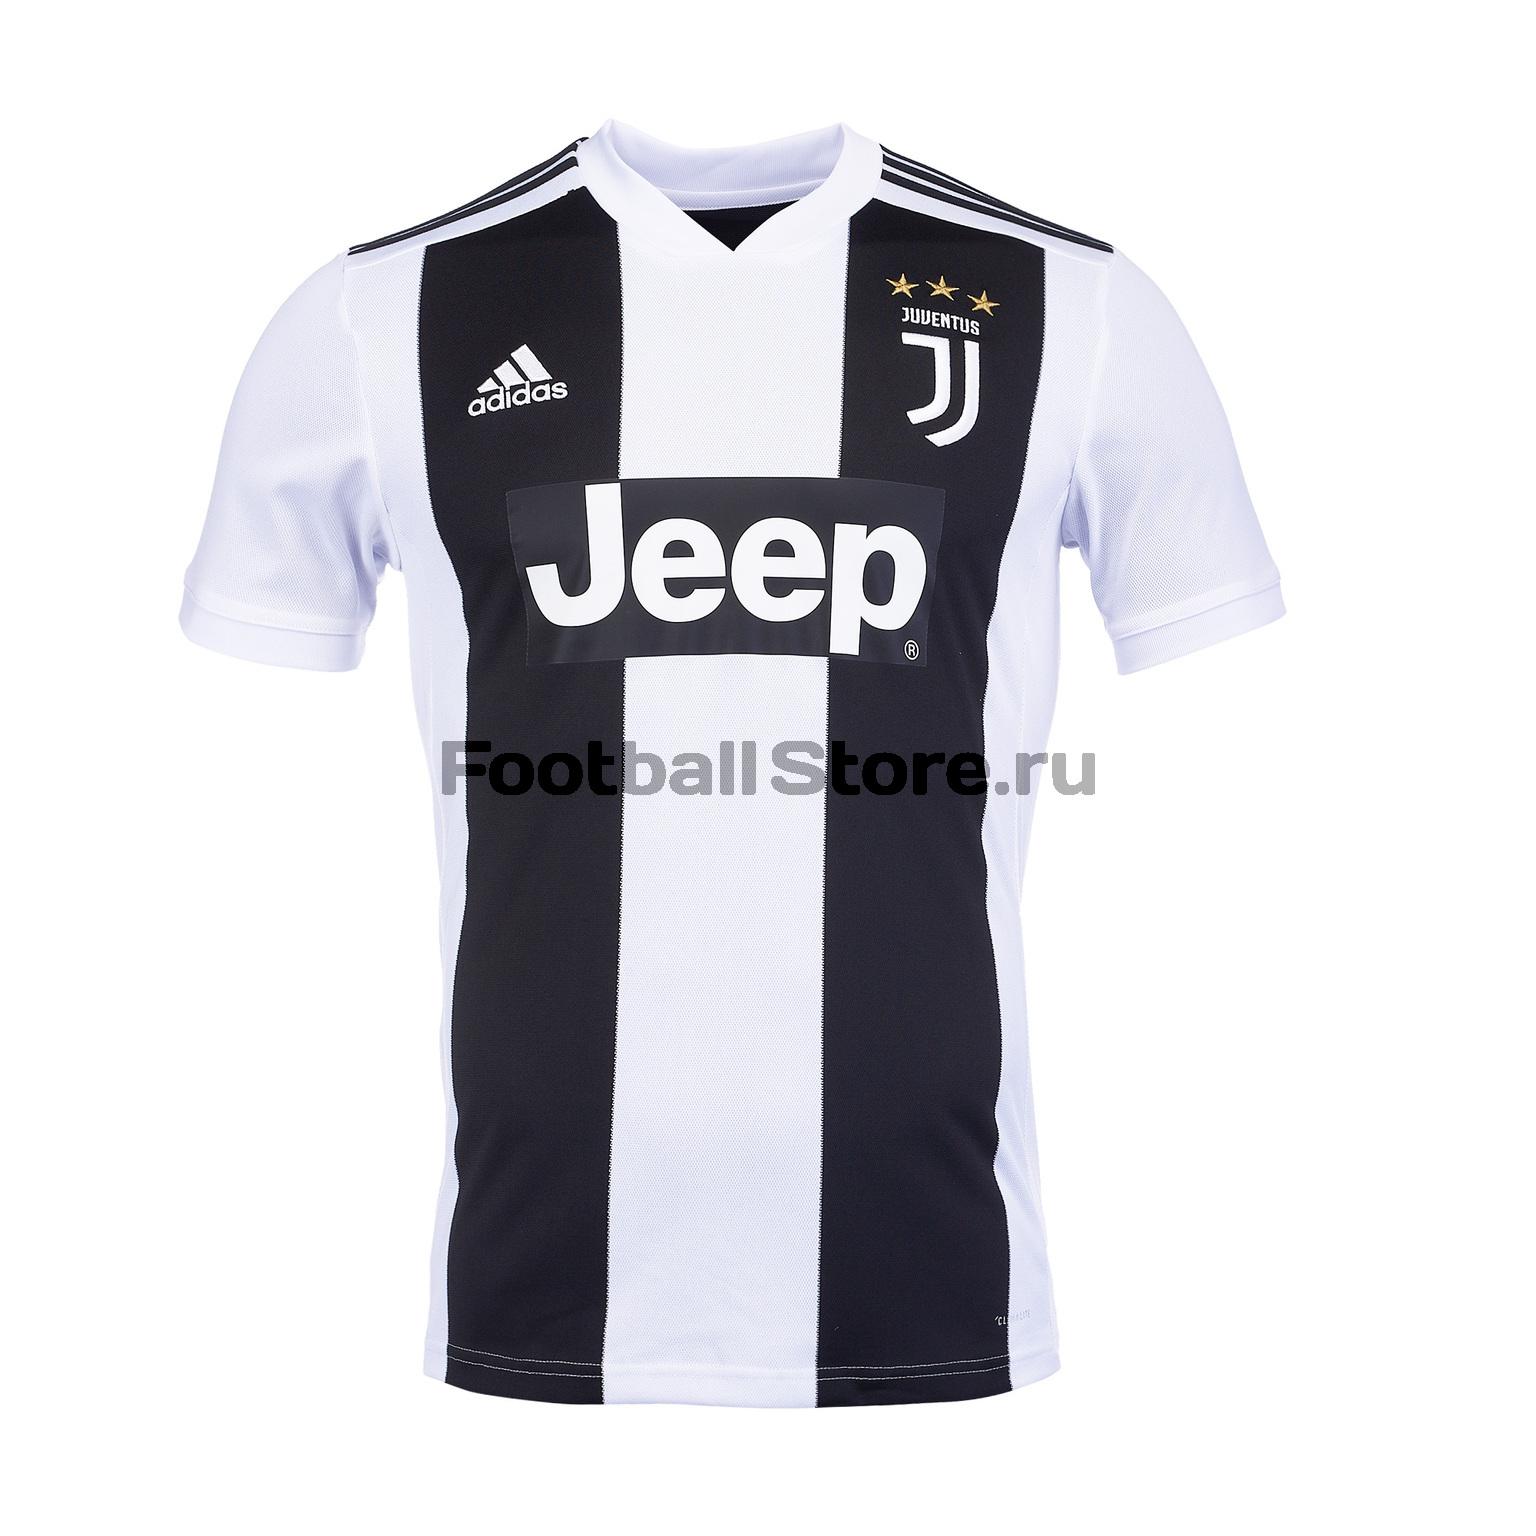 Футболка домашняя игровая Adidas Juventus 2018/19 рюкзак adidas juventus 2018 19